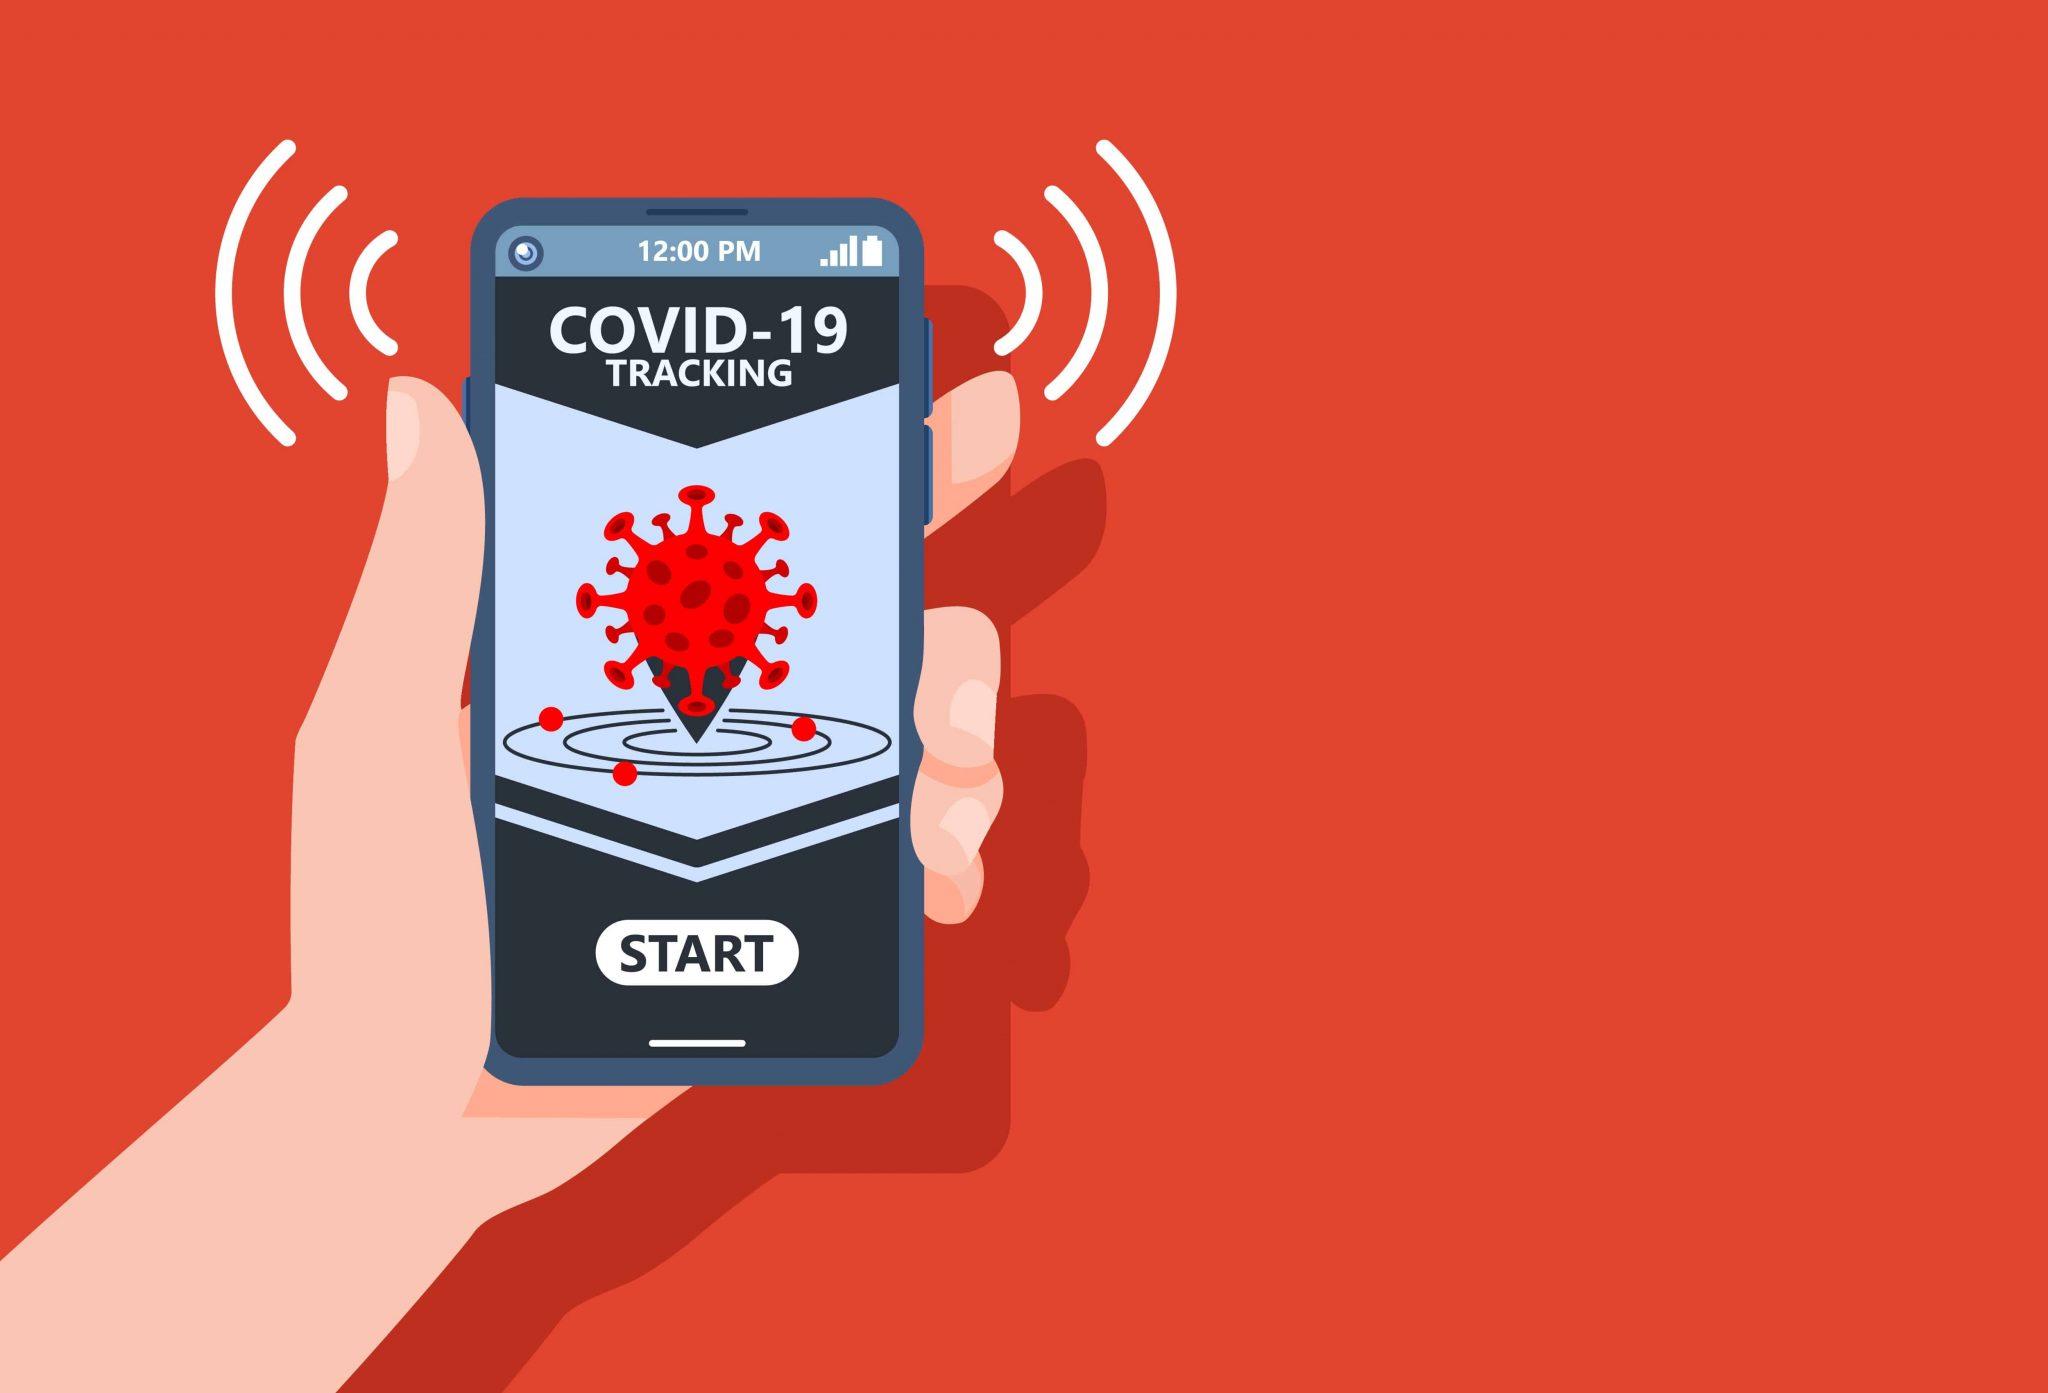 Covid tracker icon